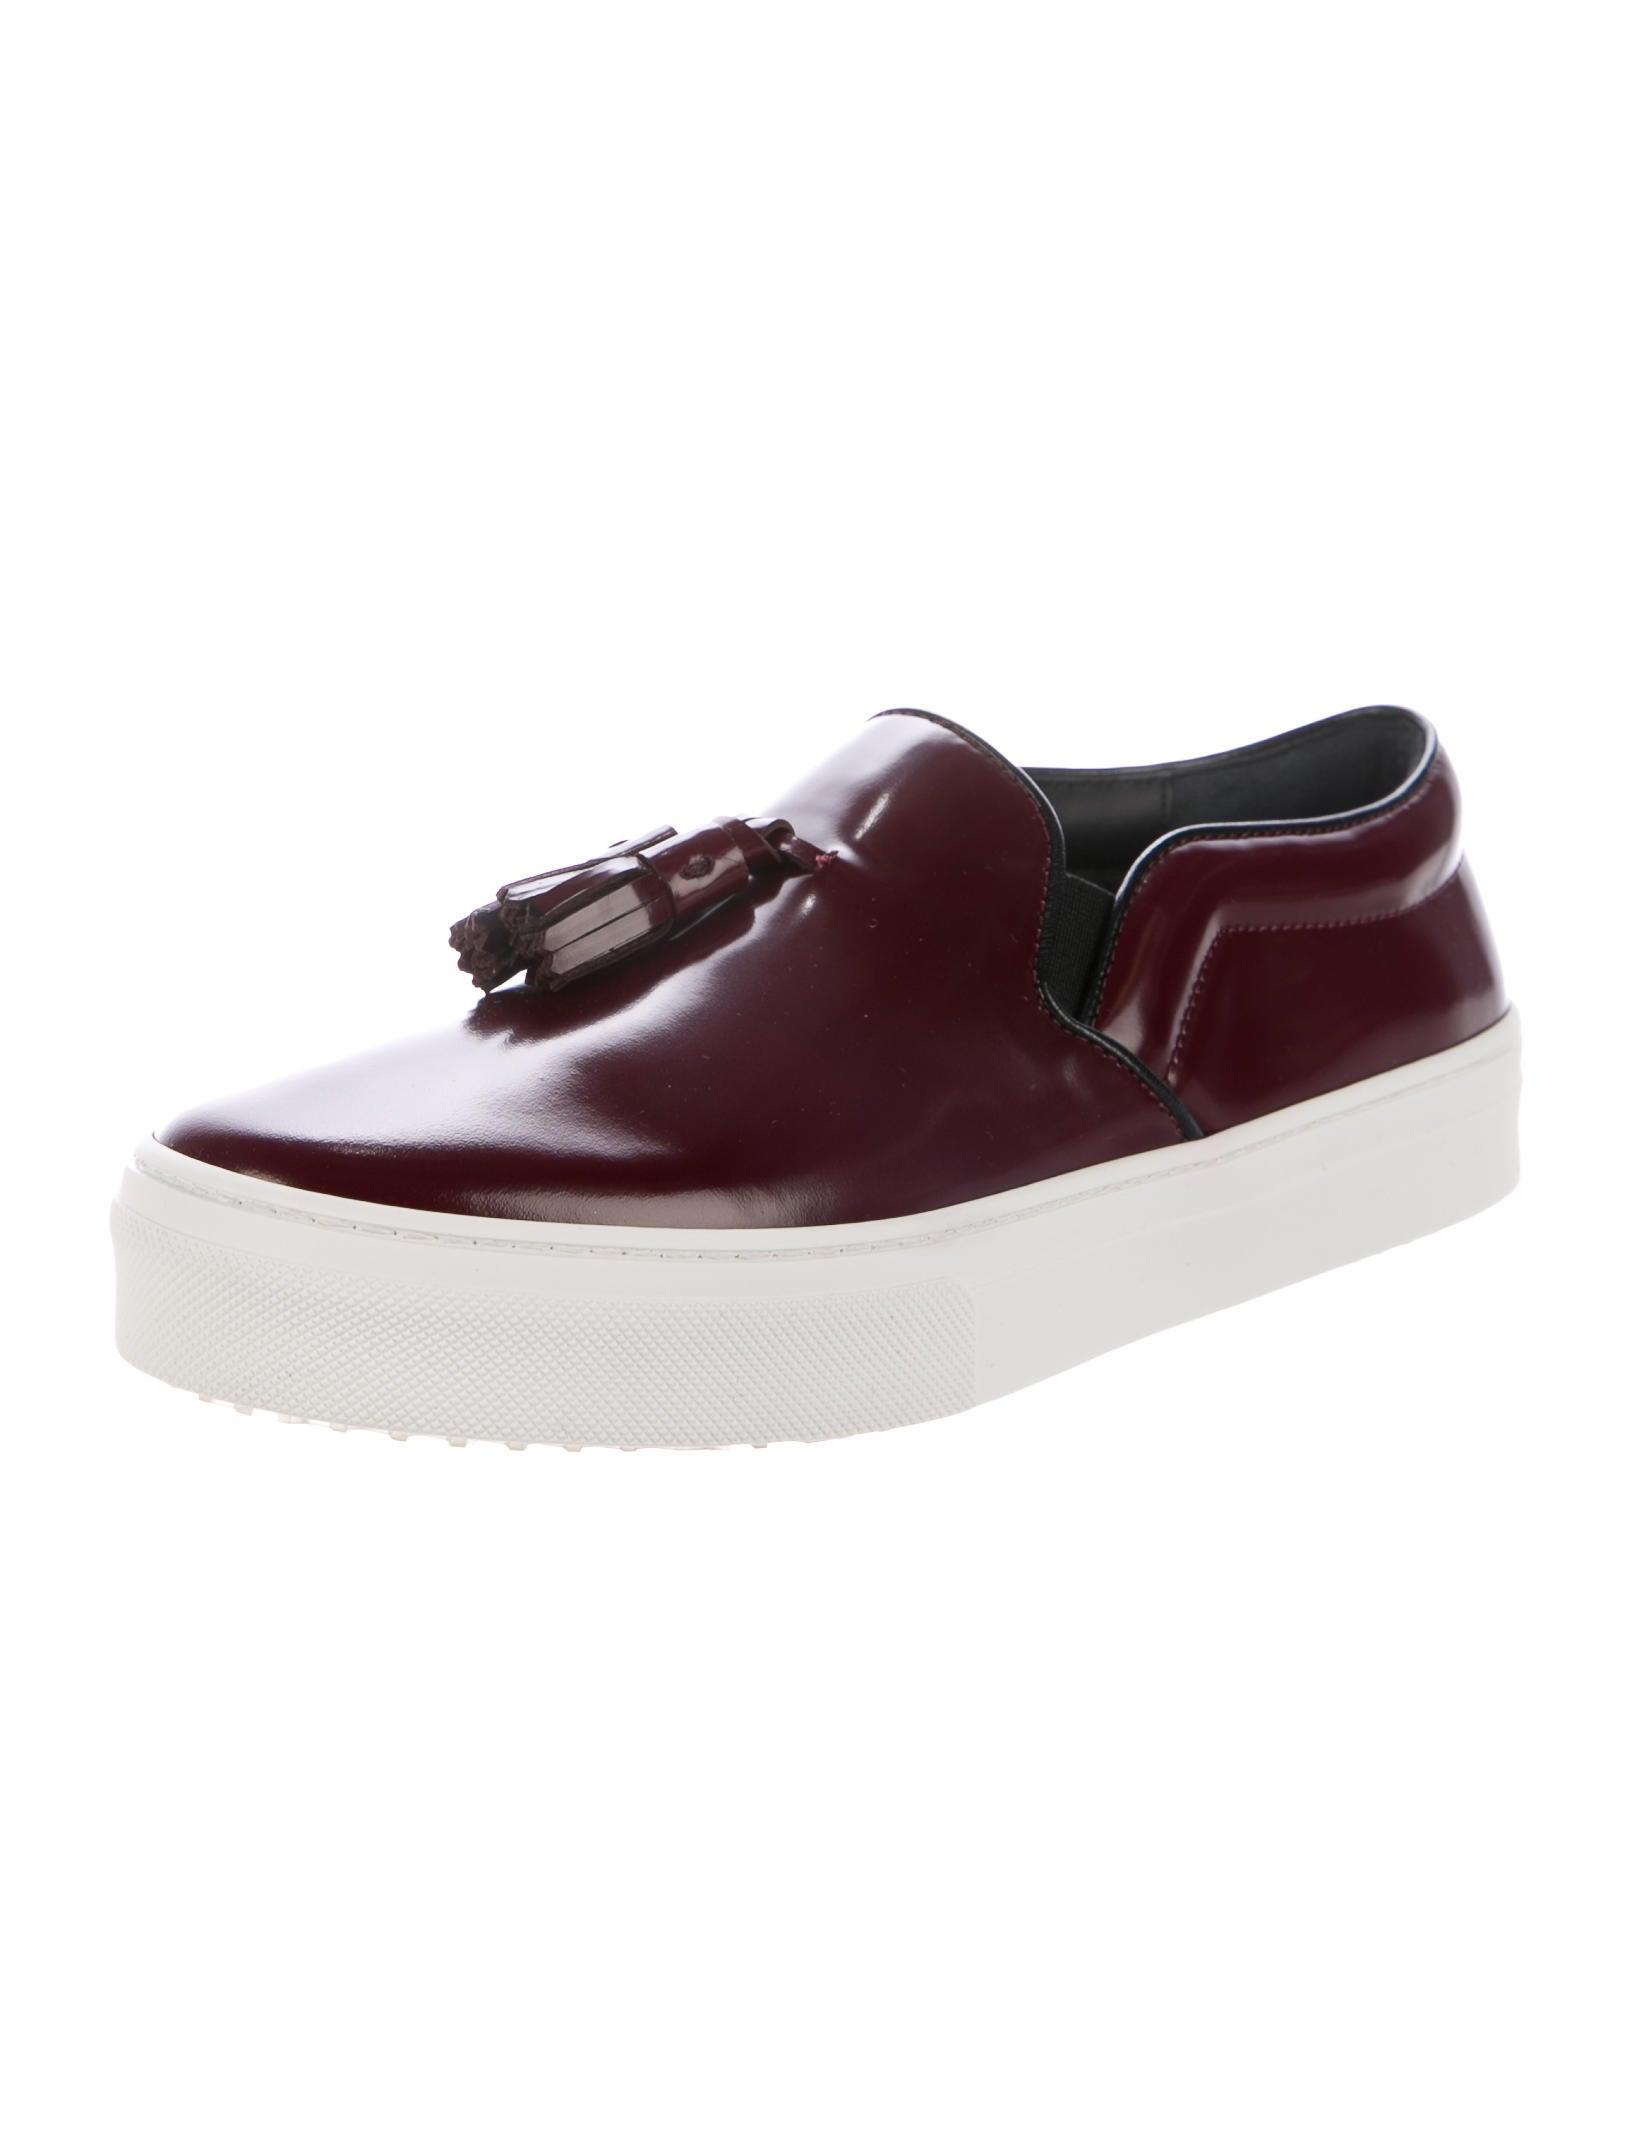 Celine Shoes Sale